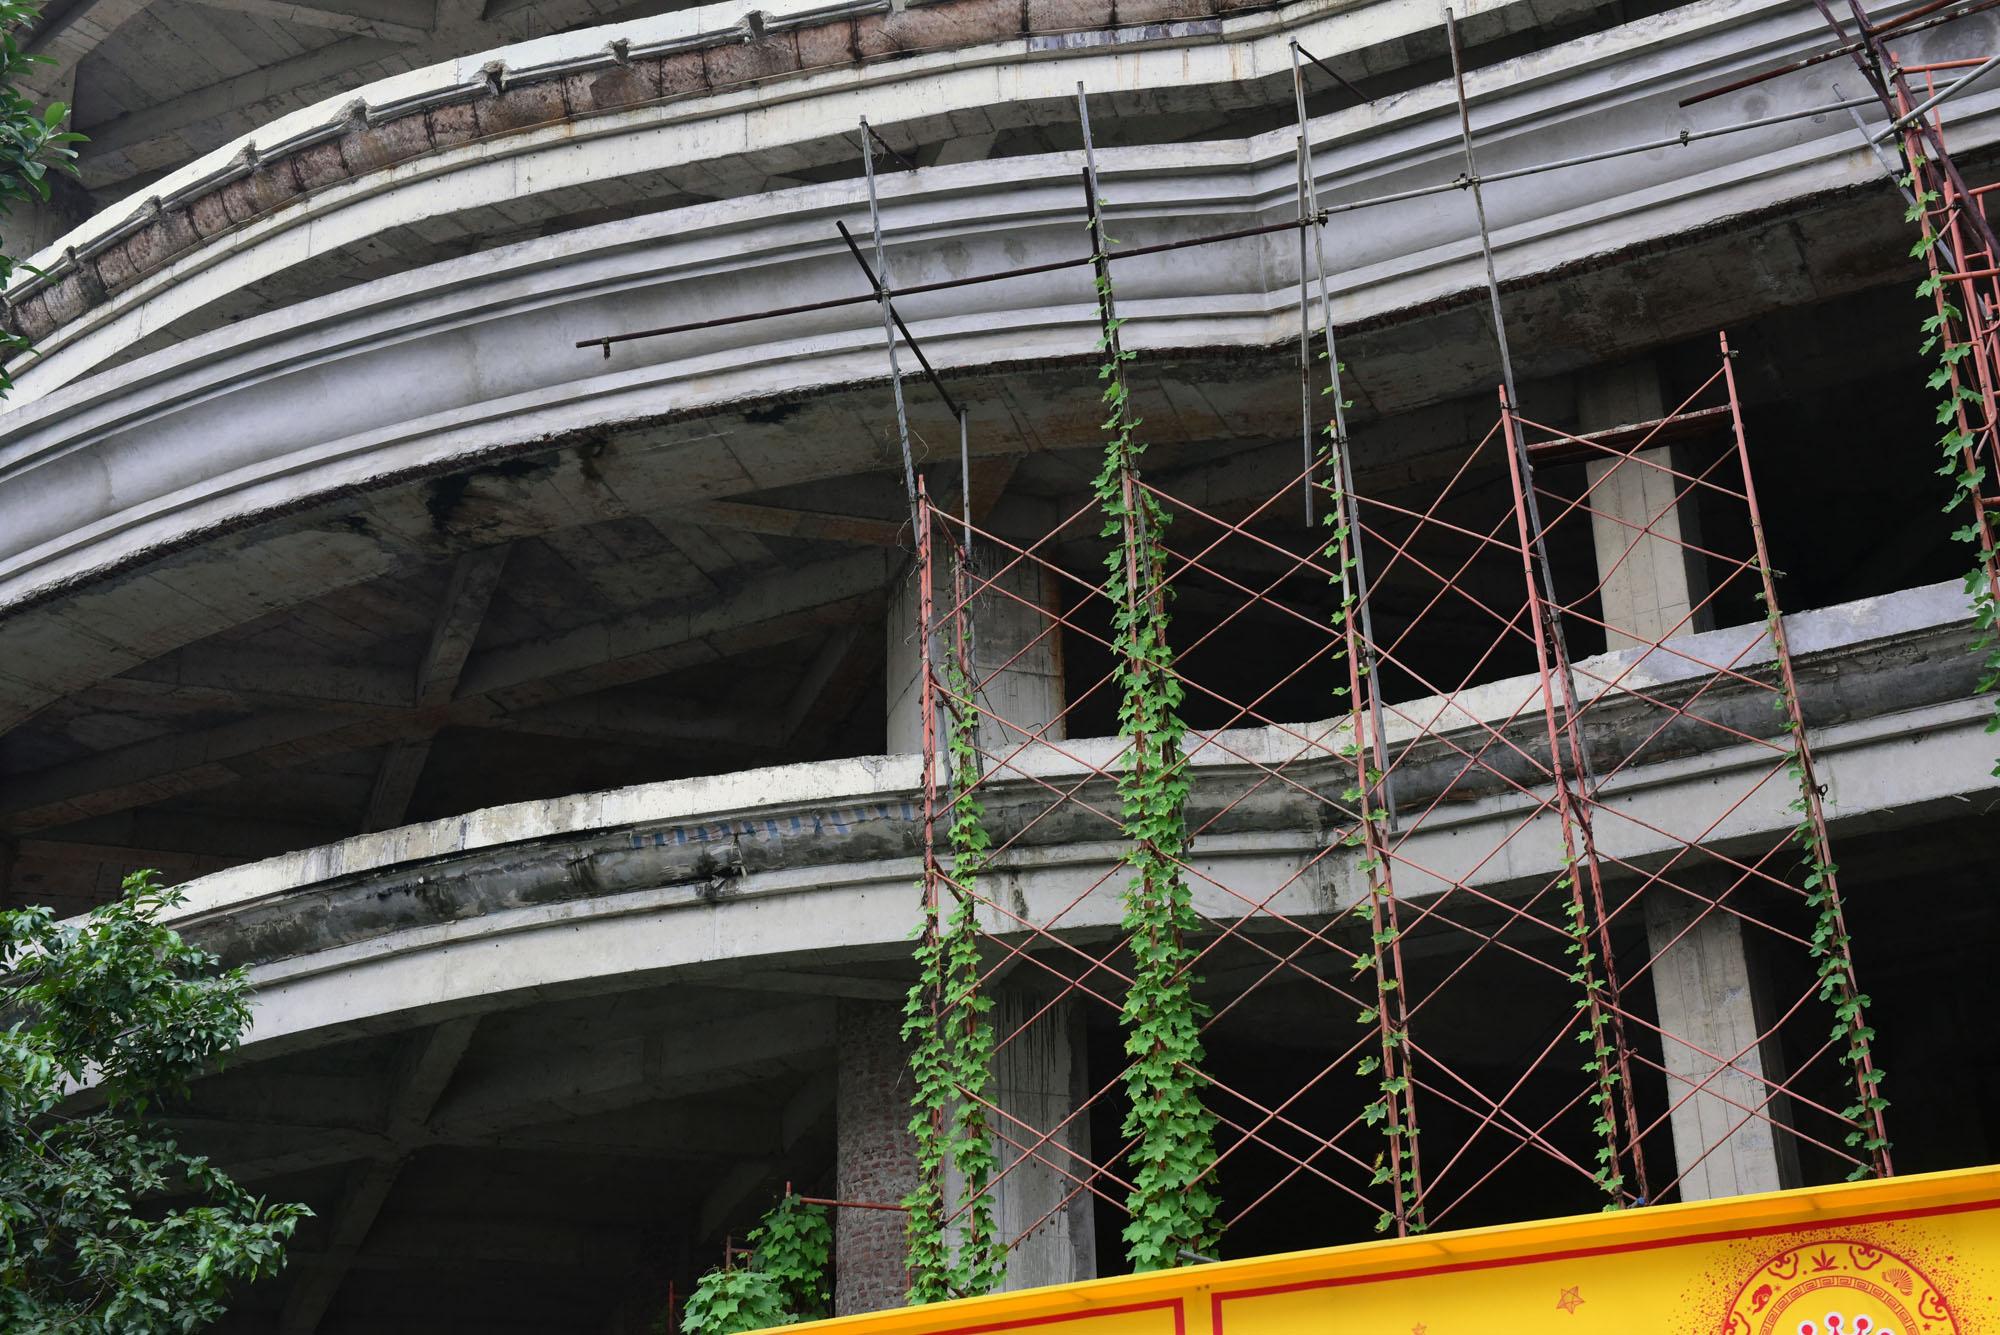 Dự án TTTM Hongkong London trên 'đất vàng' Từ Sơn, Bắc Ninh bỏ hoang nhiều năm - Ảnh 20.